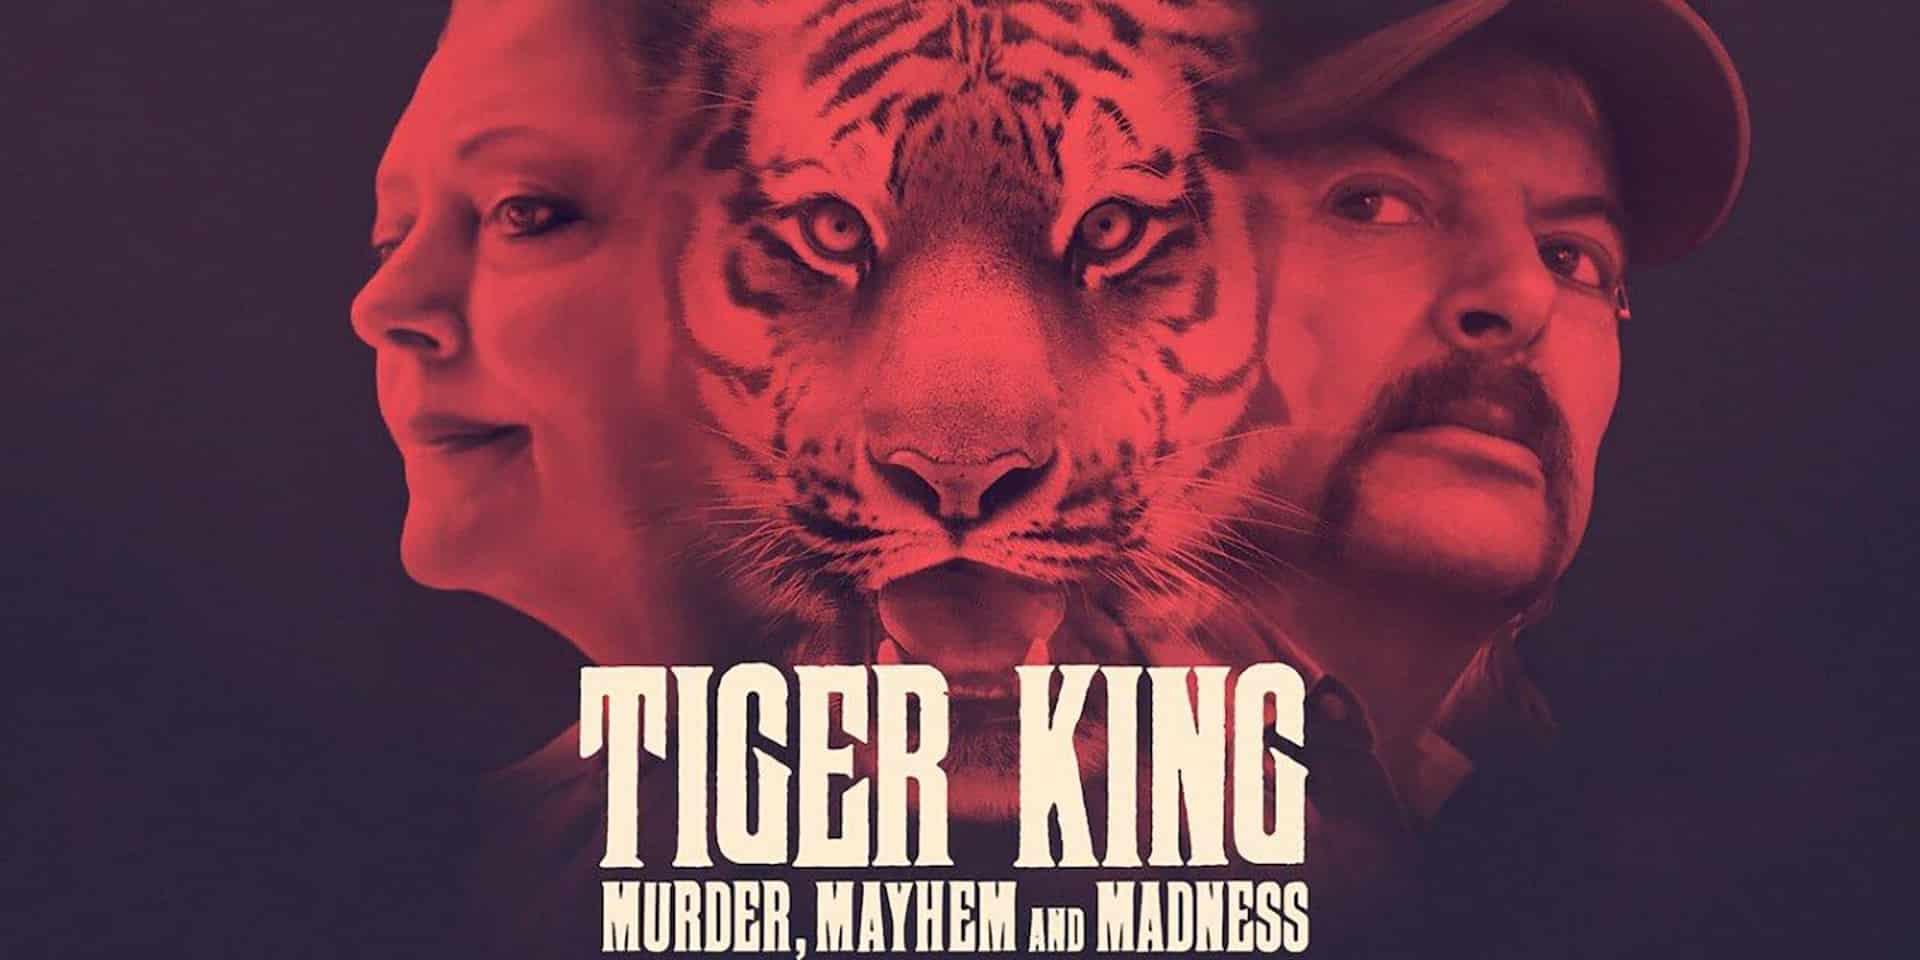 Perché tutti parlano di Tiger King?